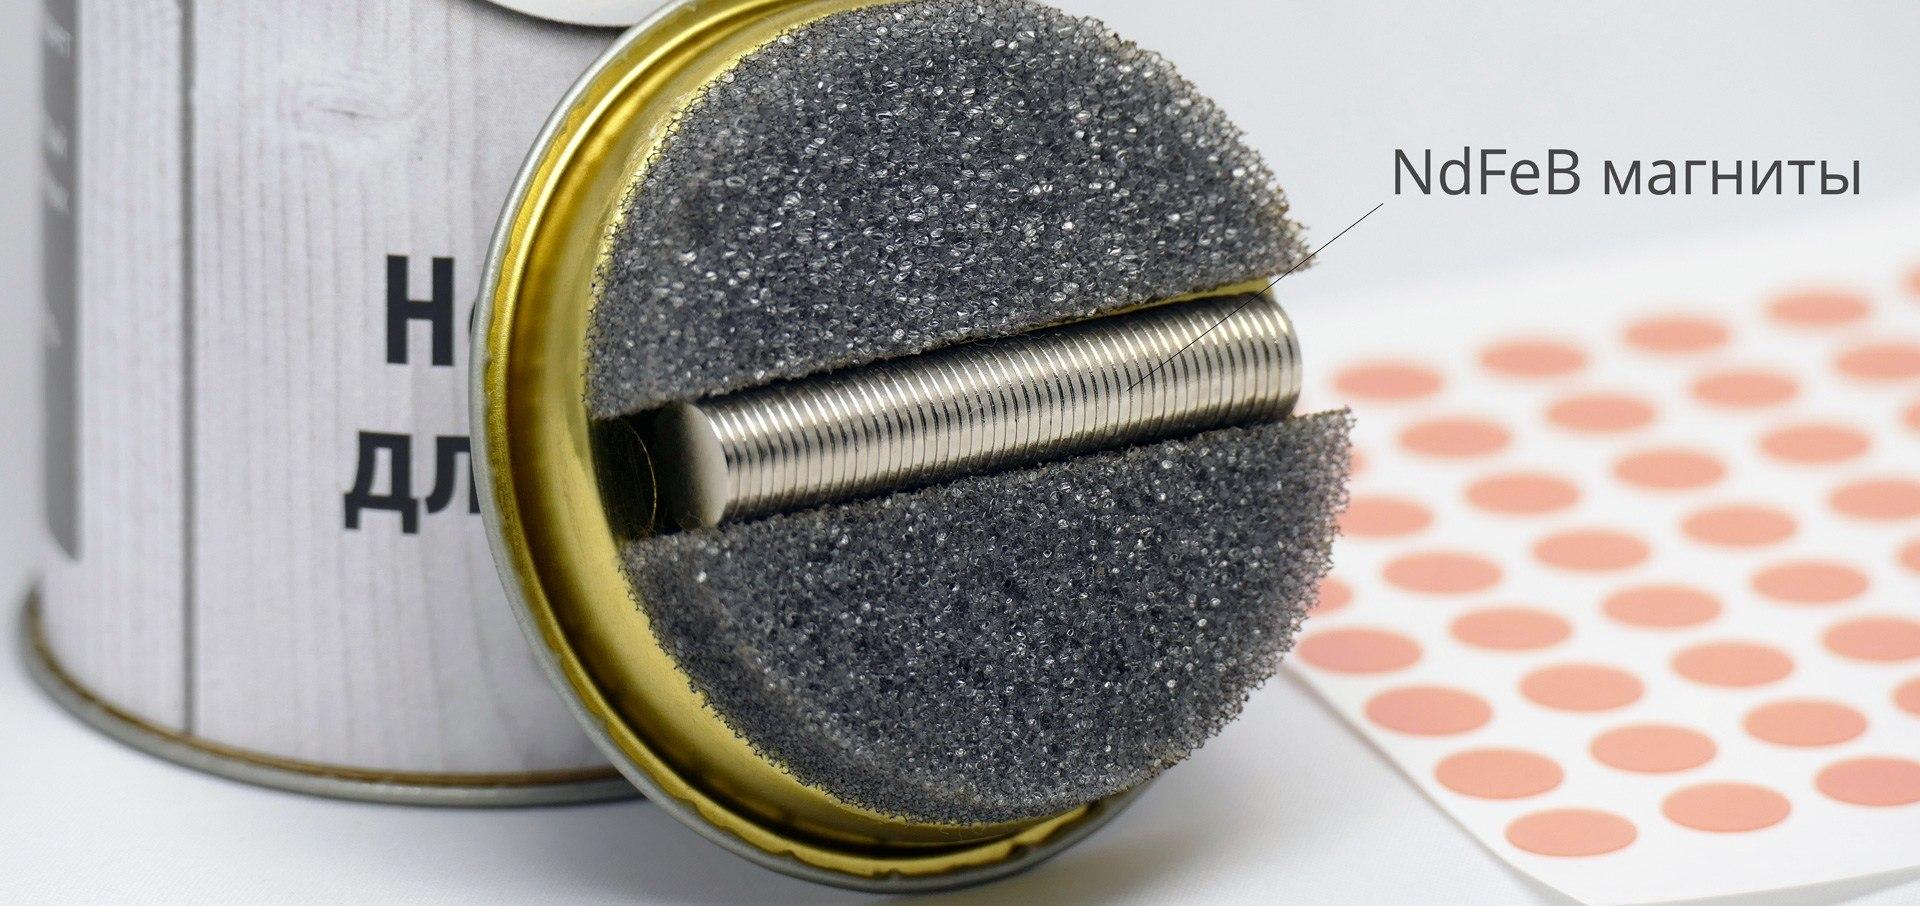 Для крепления номерков к улью используется ультратонкий магнит из редкоземельного металла